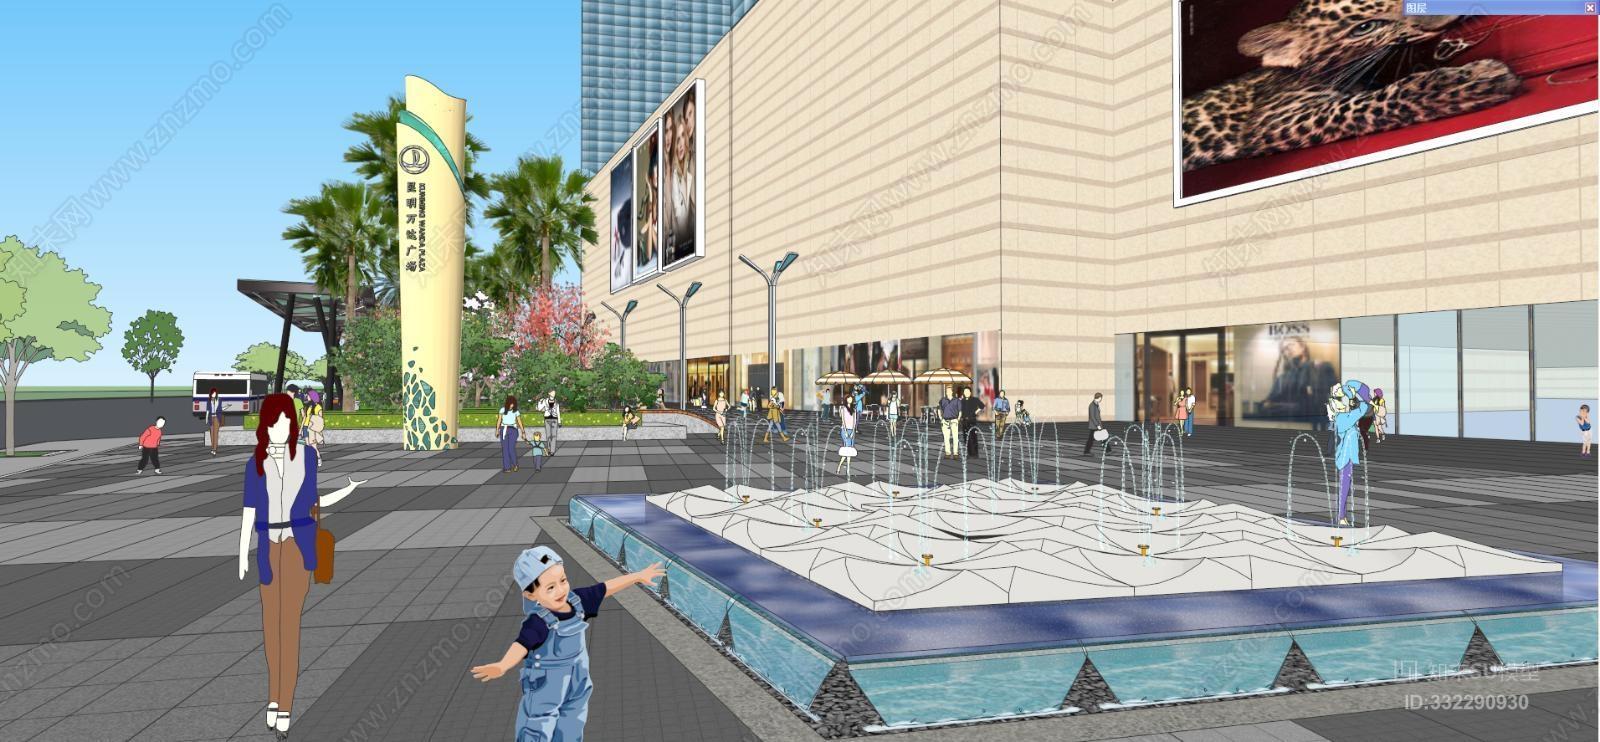 现代商业广场建筑 室外 街道 街景 泳池